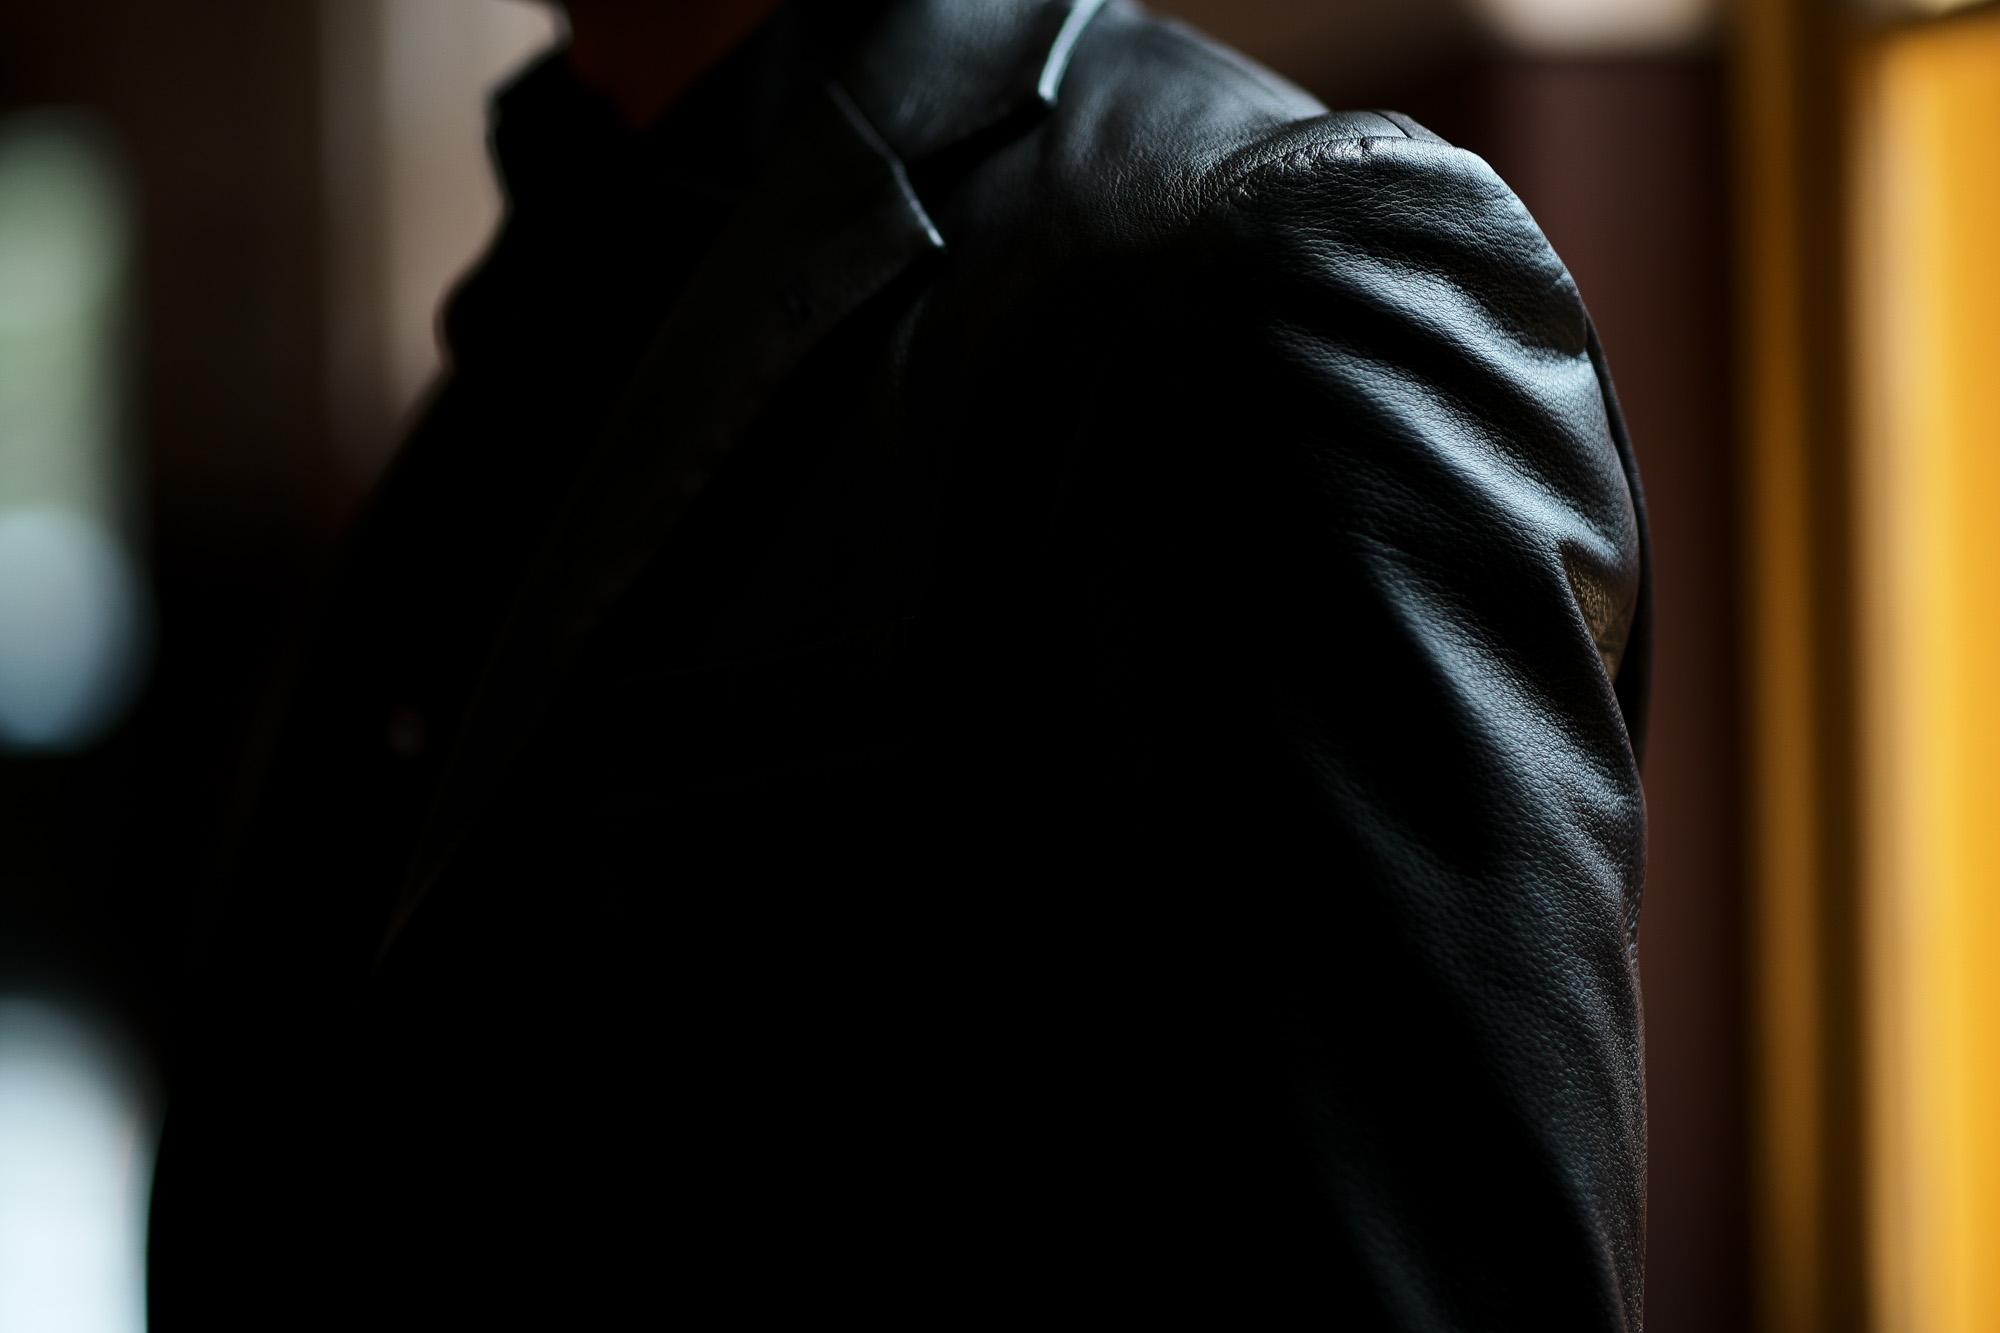 Cuervo (クエルボ) Satisfaction Leather Collection (サティスファクション レザー コレクション) LEON (レオン) BUFFALO LEATHER (バッファロー レザー) シングル テーラード ジャケット BLACK (ブラック) MADE IN JAPAN (日本製) 2019 秋冬新作 愛知 名古屋 altoediritto アルトエデリット